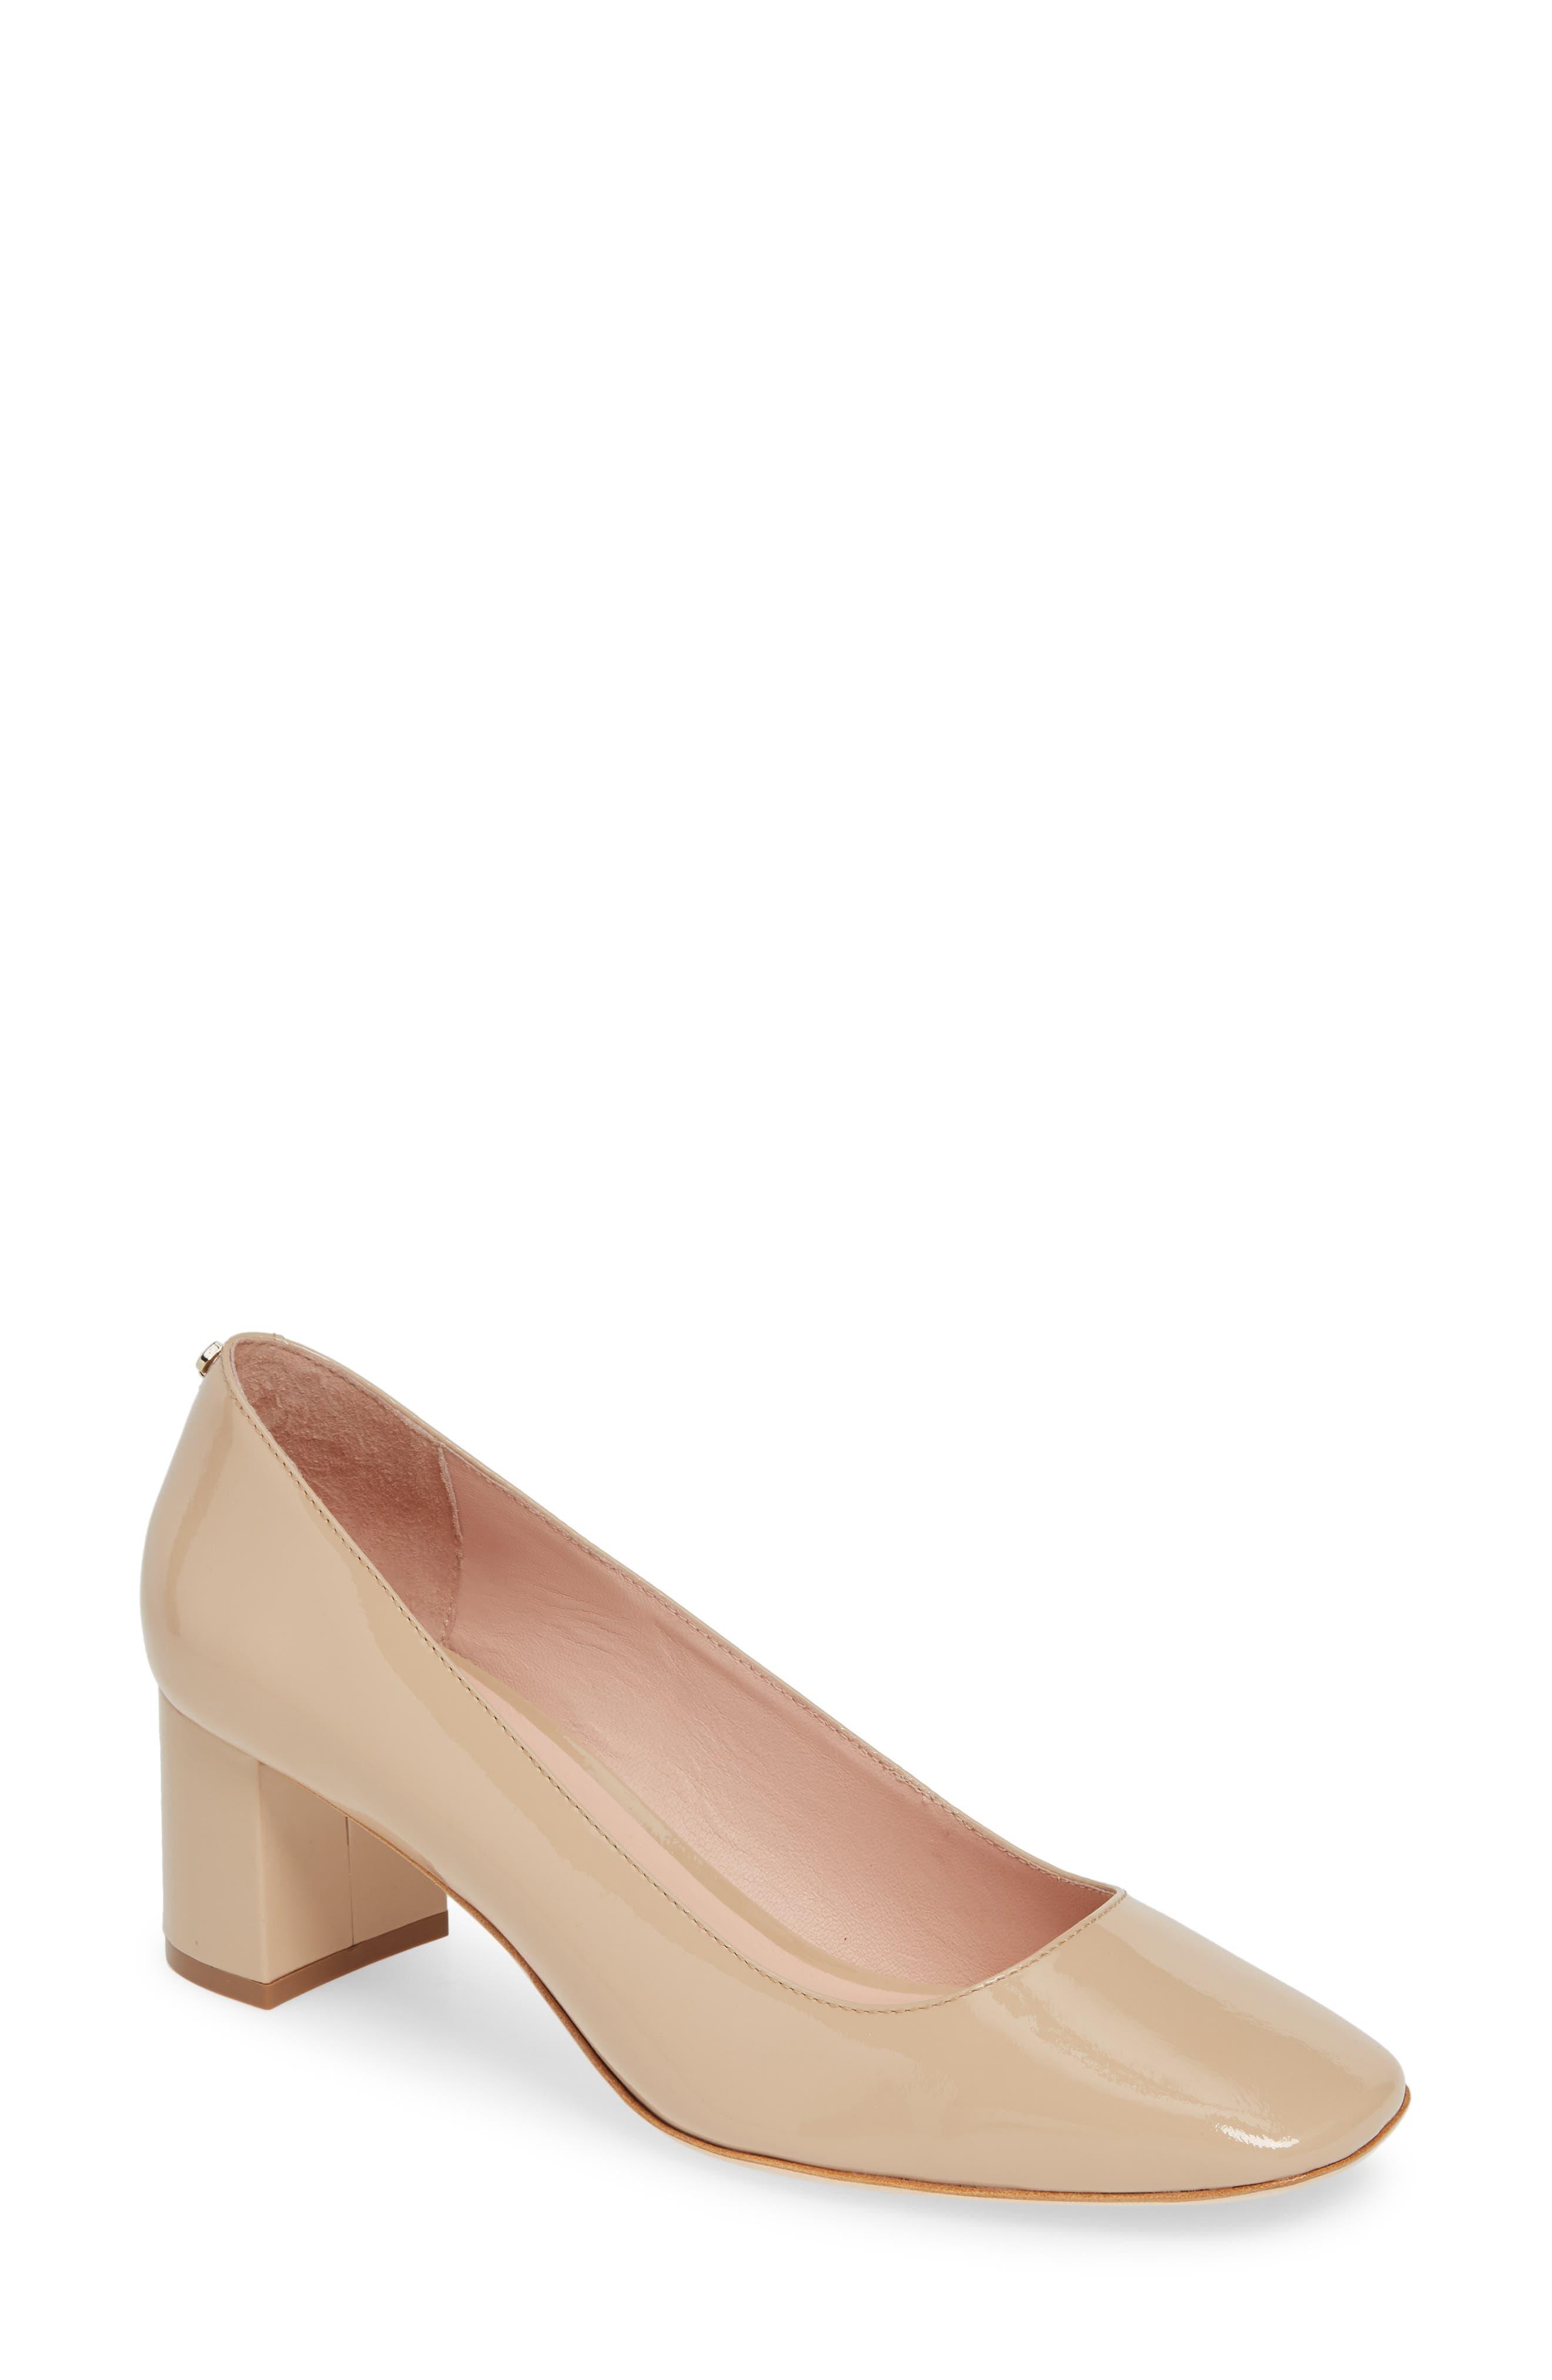 Image of kate spade new york kylah block heel pump